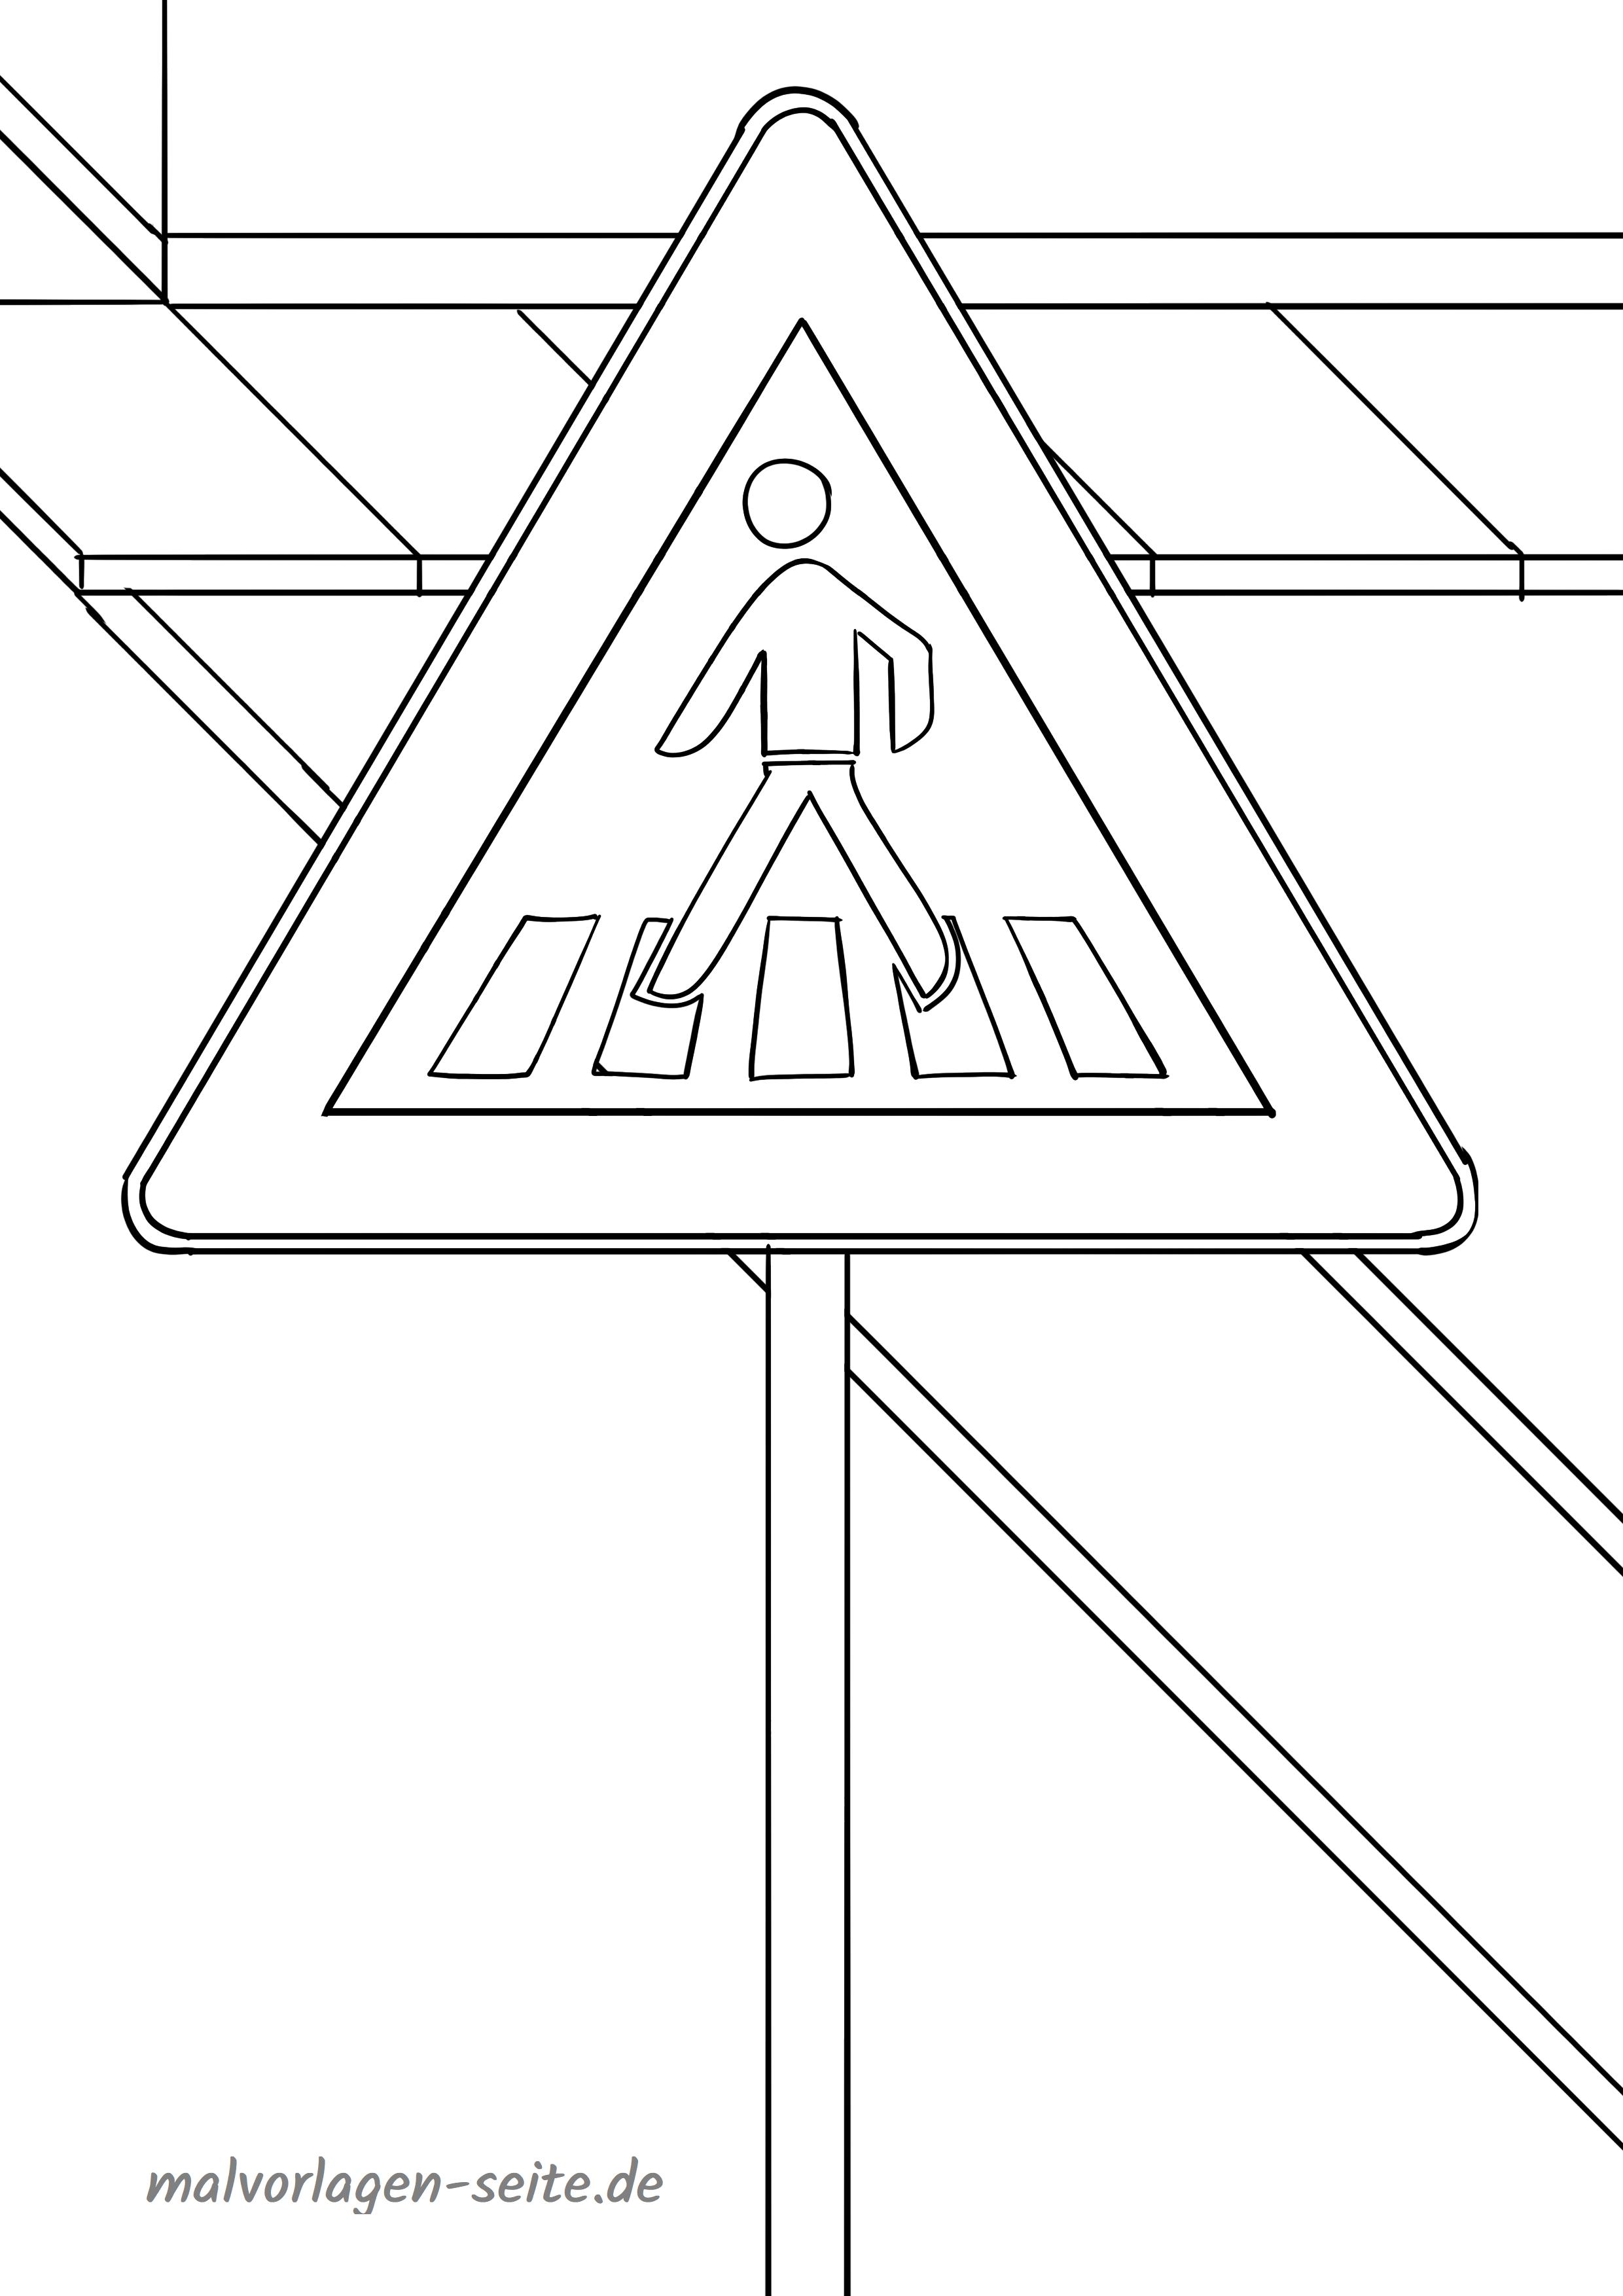 Verkehrszeichen Fußgängerüberweg Malvorlage Gratis Malvorlagen Zum